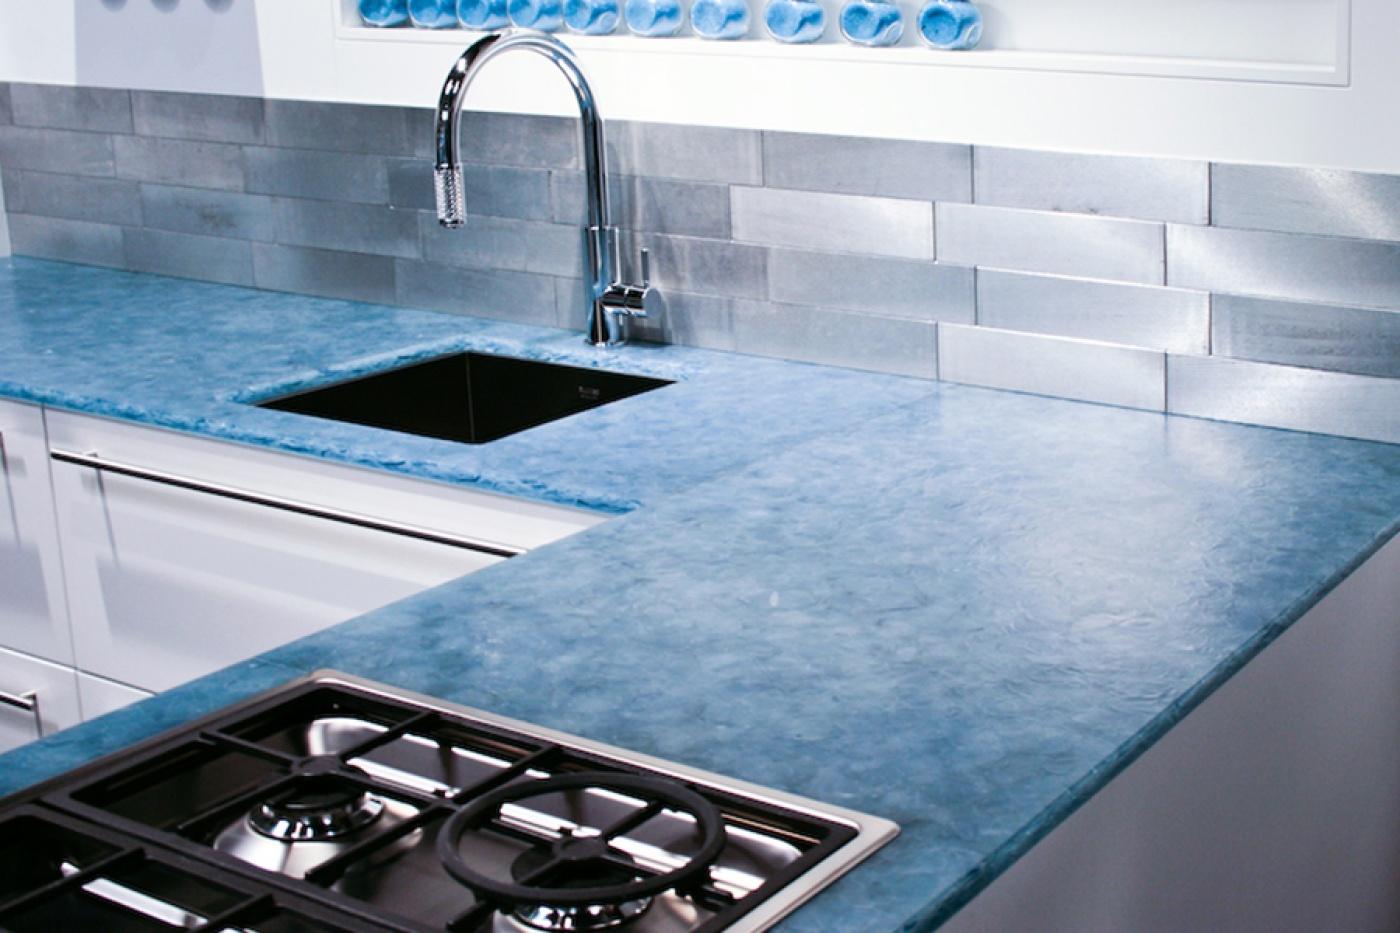 Plan de travail de cuisine sur mesure en verre pantiné  Ocean blue Magna patinated